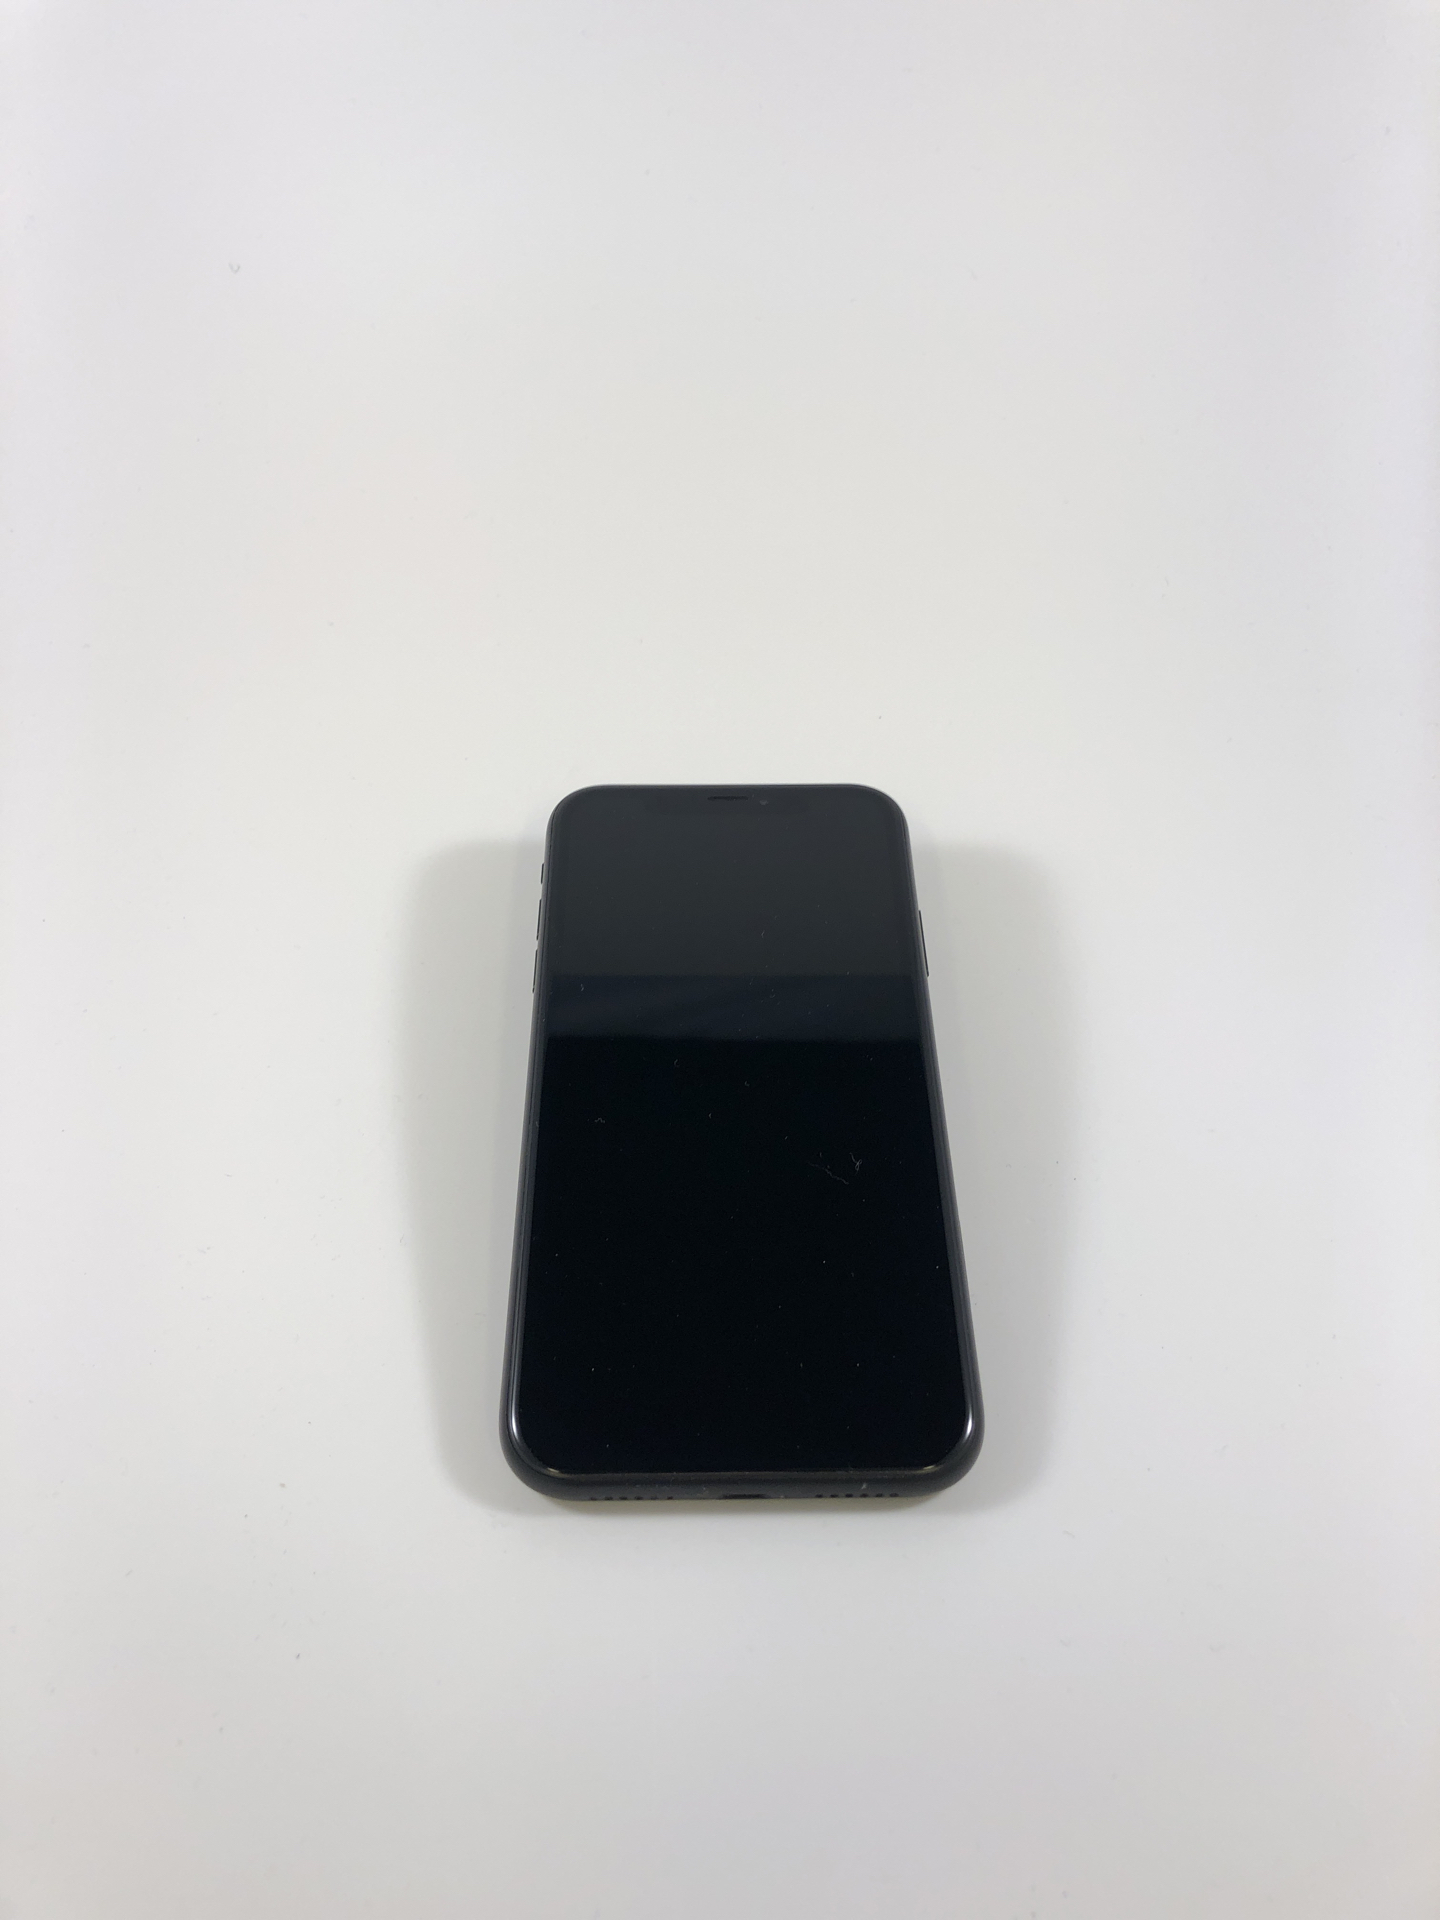 iPhone XR 256GB, 256GB, Black, Kuva 1